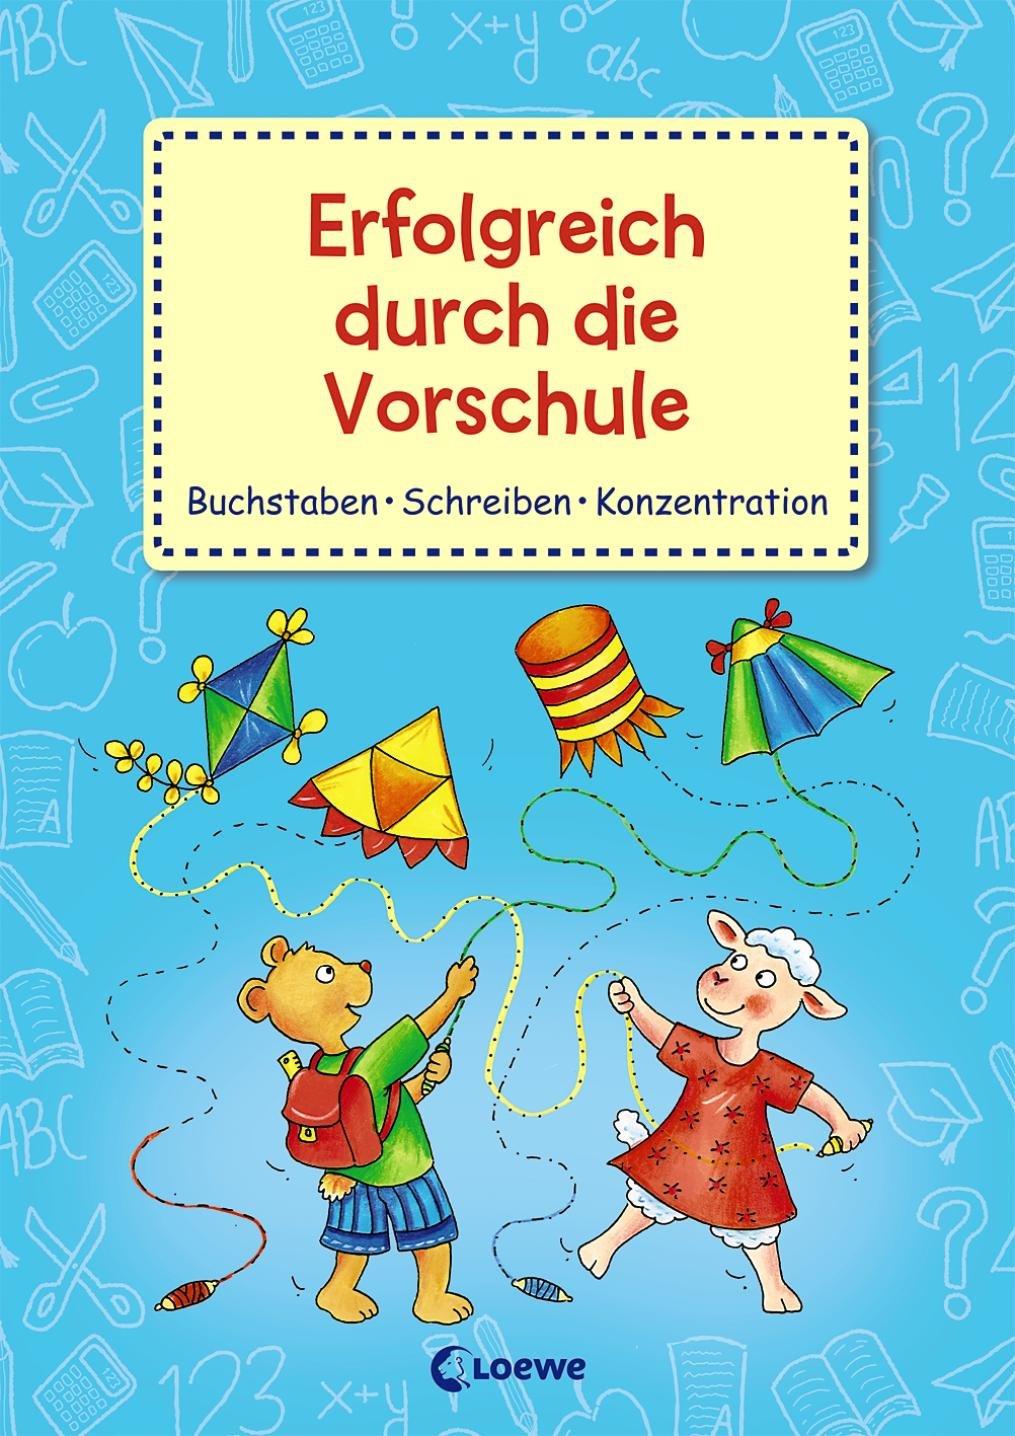 Die Vorschul Piraten Buchstaben Schreiben Download Image collections ...